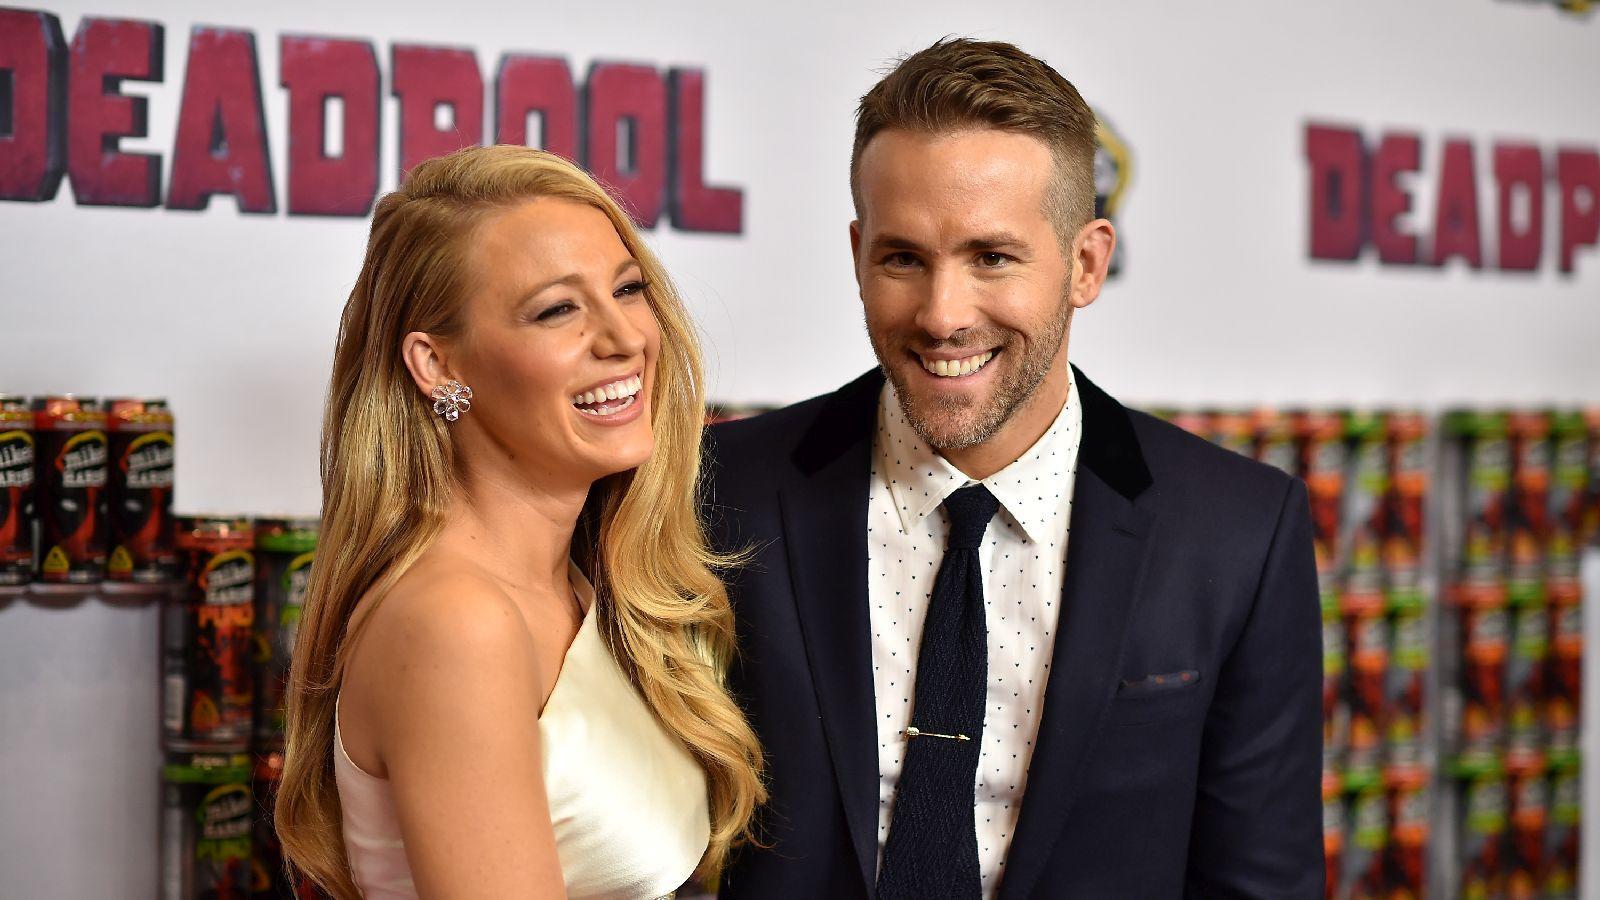 Ryan Reynolds és Blake Lively boldog házasságban élnek, és két közös gyerekük is van. Azonban mielőtt összejöttek volna, Ryannek már volt egy felesége, mégpedig... (Getty Images)